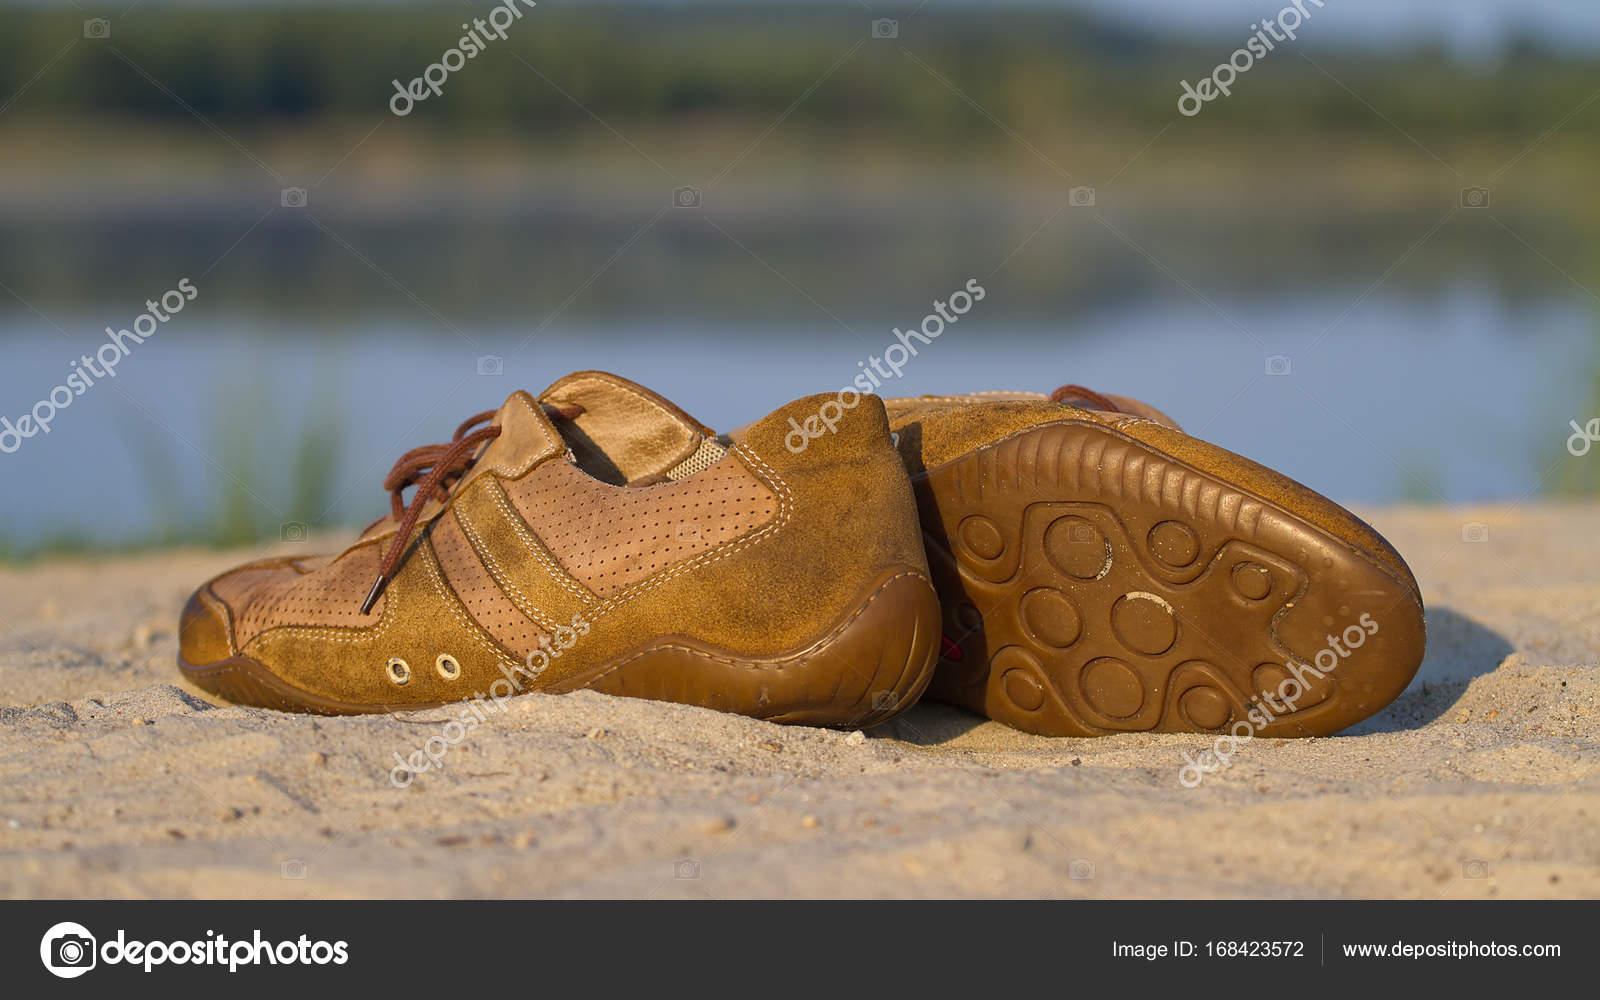 Salle Sport De Photographie Un Sur Gym Sable — Pudiq Chaussures ASBq7w5nA